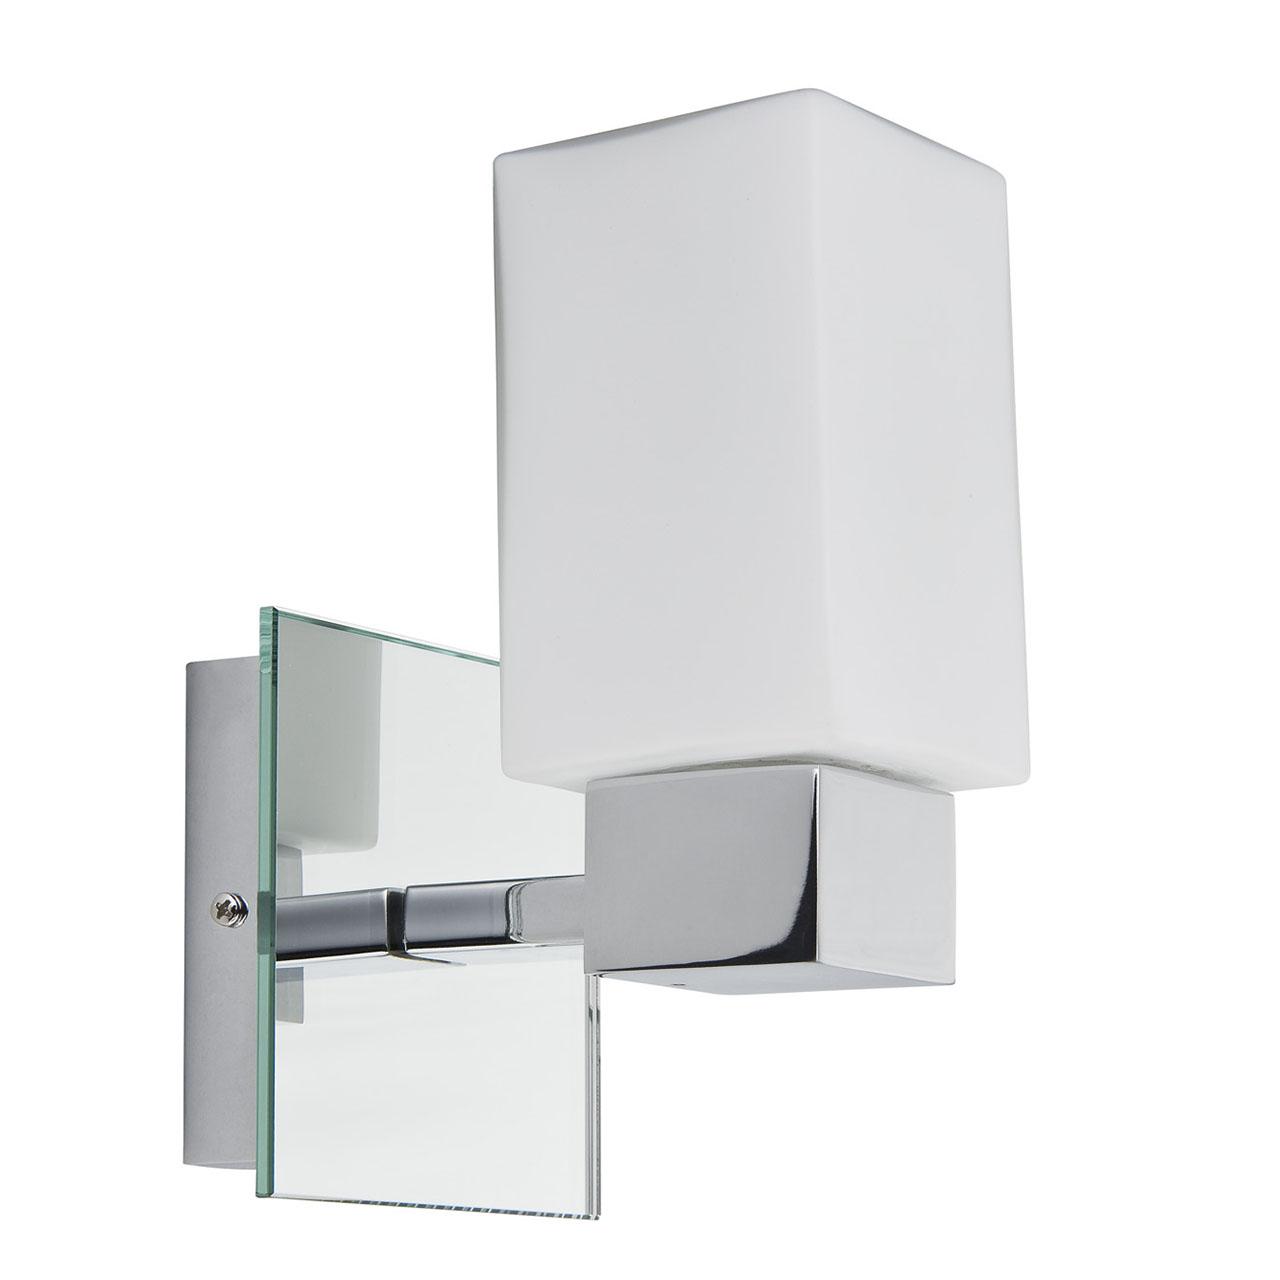 Купить Бра Paulmann Altea с плафоном из белого стекла, inmyroom, Германия